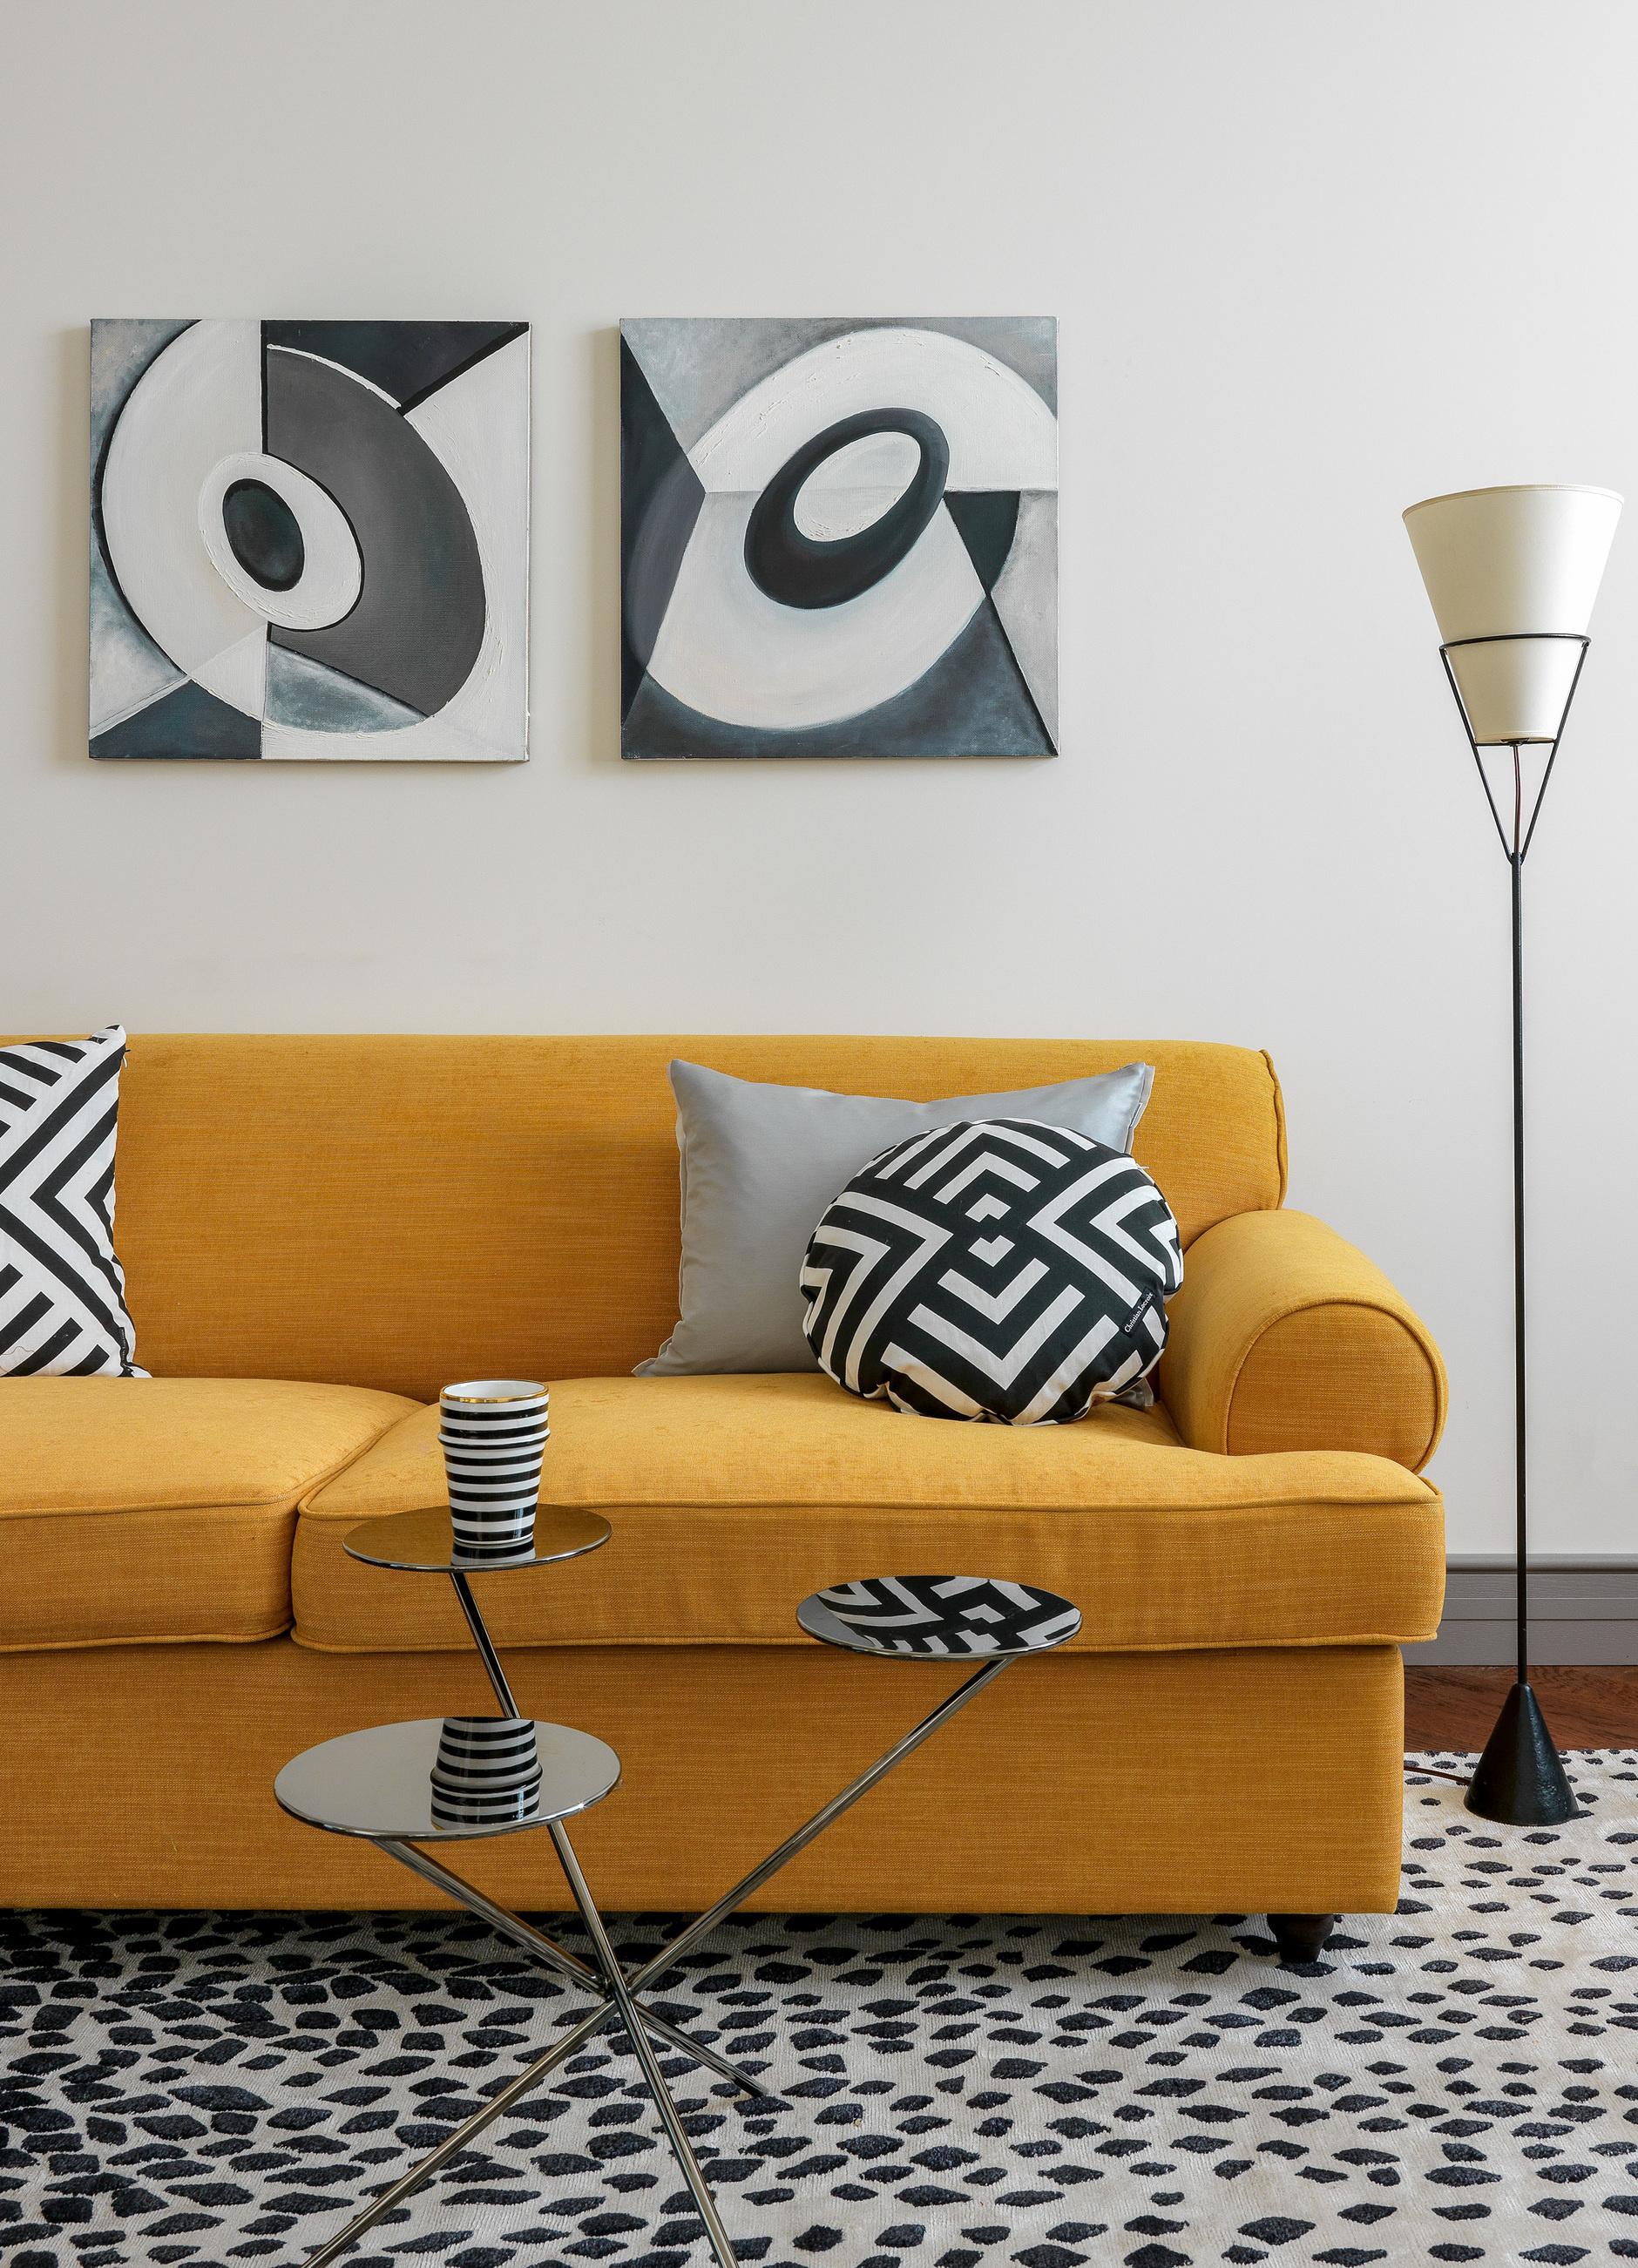 Match & mix: яркие принты в интерьере (галерея 0, фото 3)